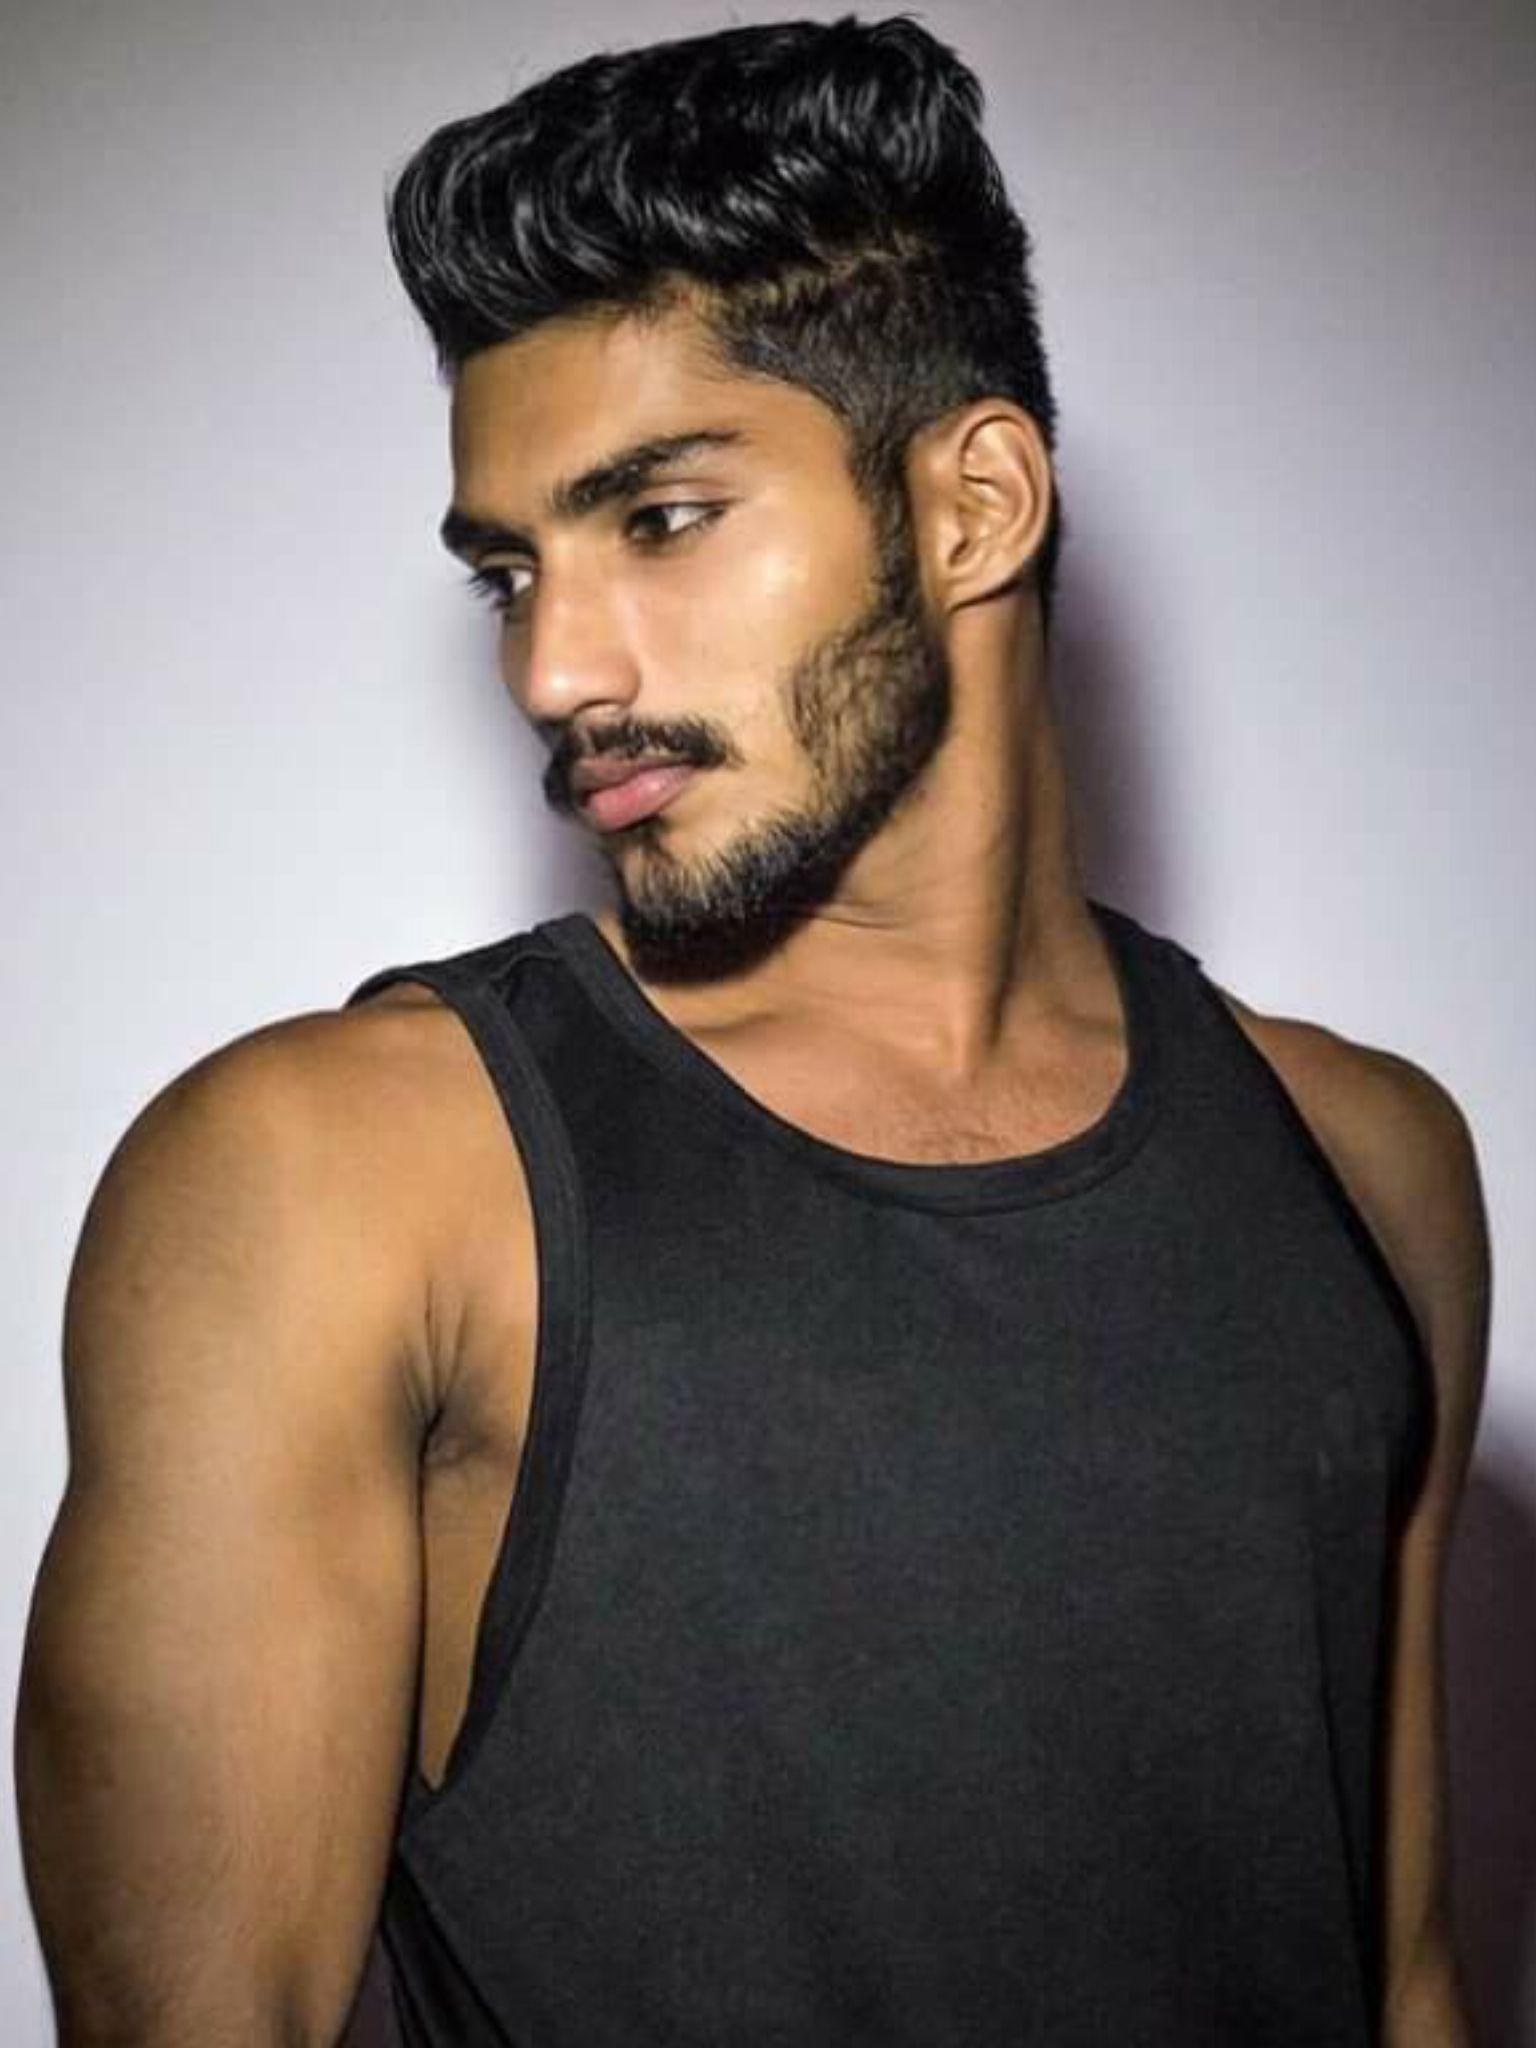 Pin By Aboodi Bawazeer On Dps  Men, Middle Eastern Men -7107